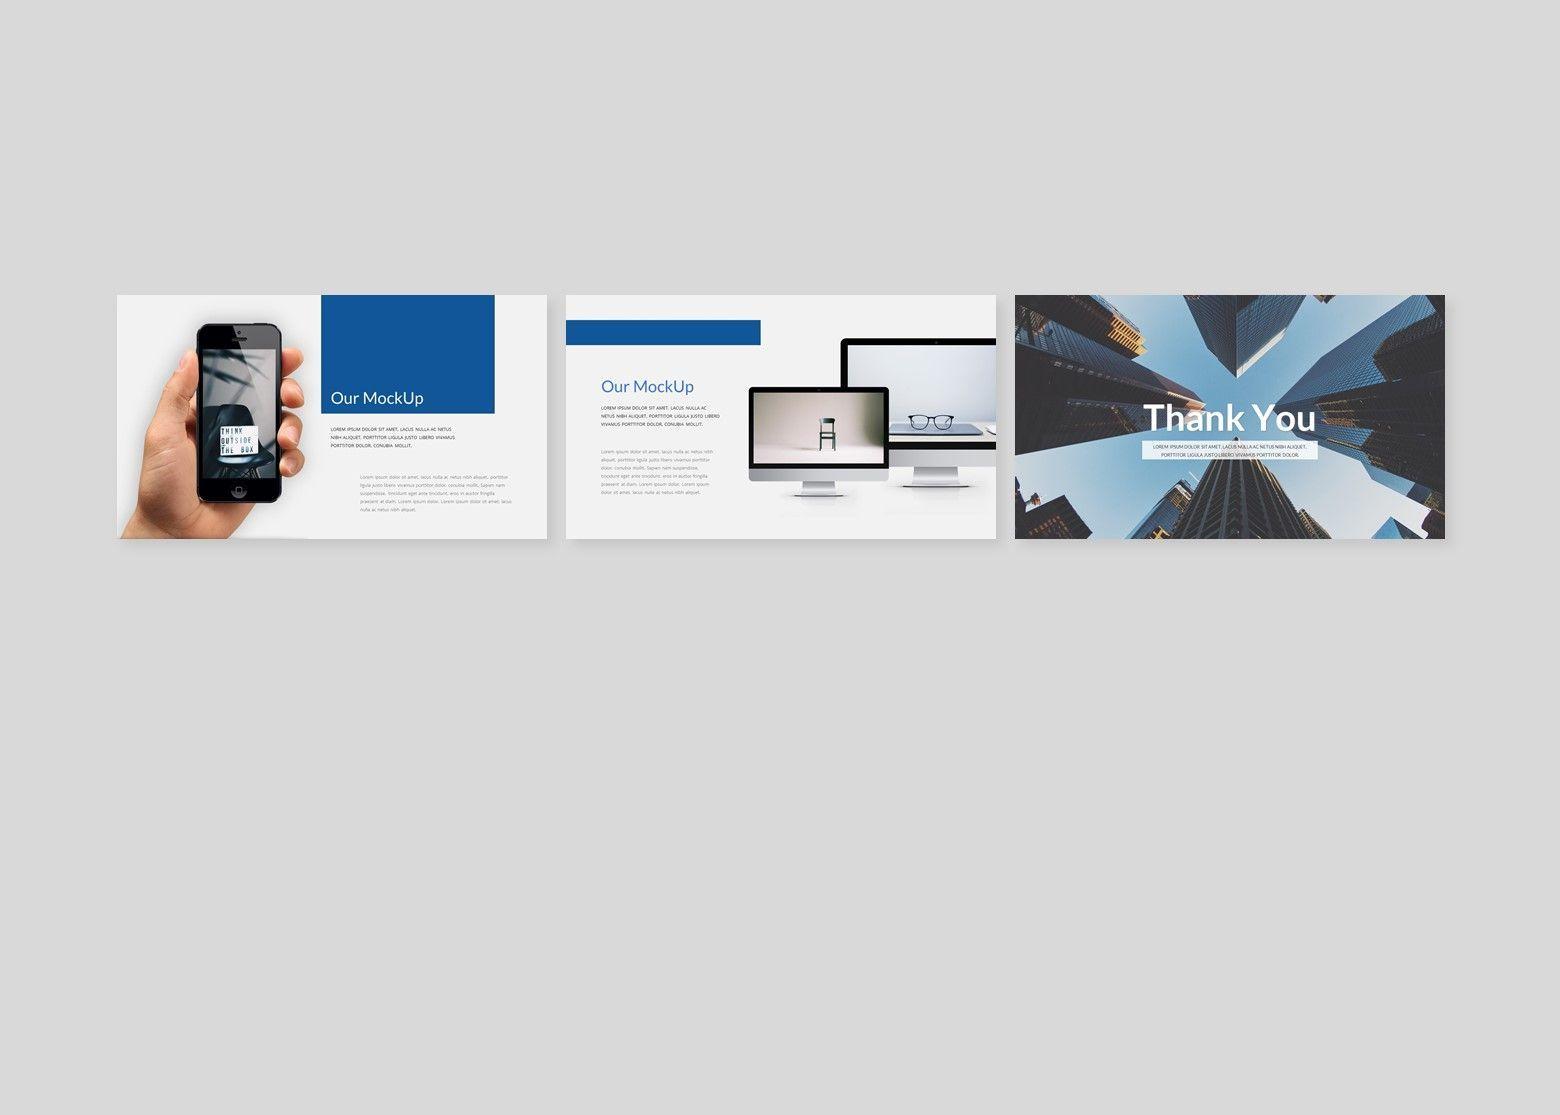 Finanza - Finance Google Slides Template, Slide 6, 08397, Business Models — PoweredTemplate.com